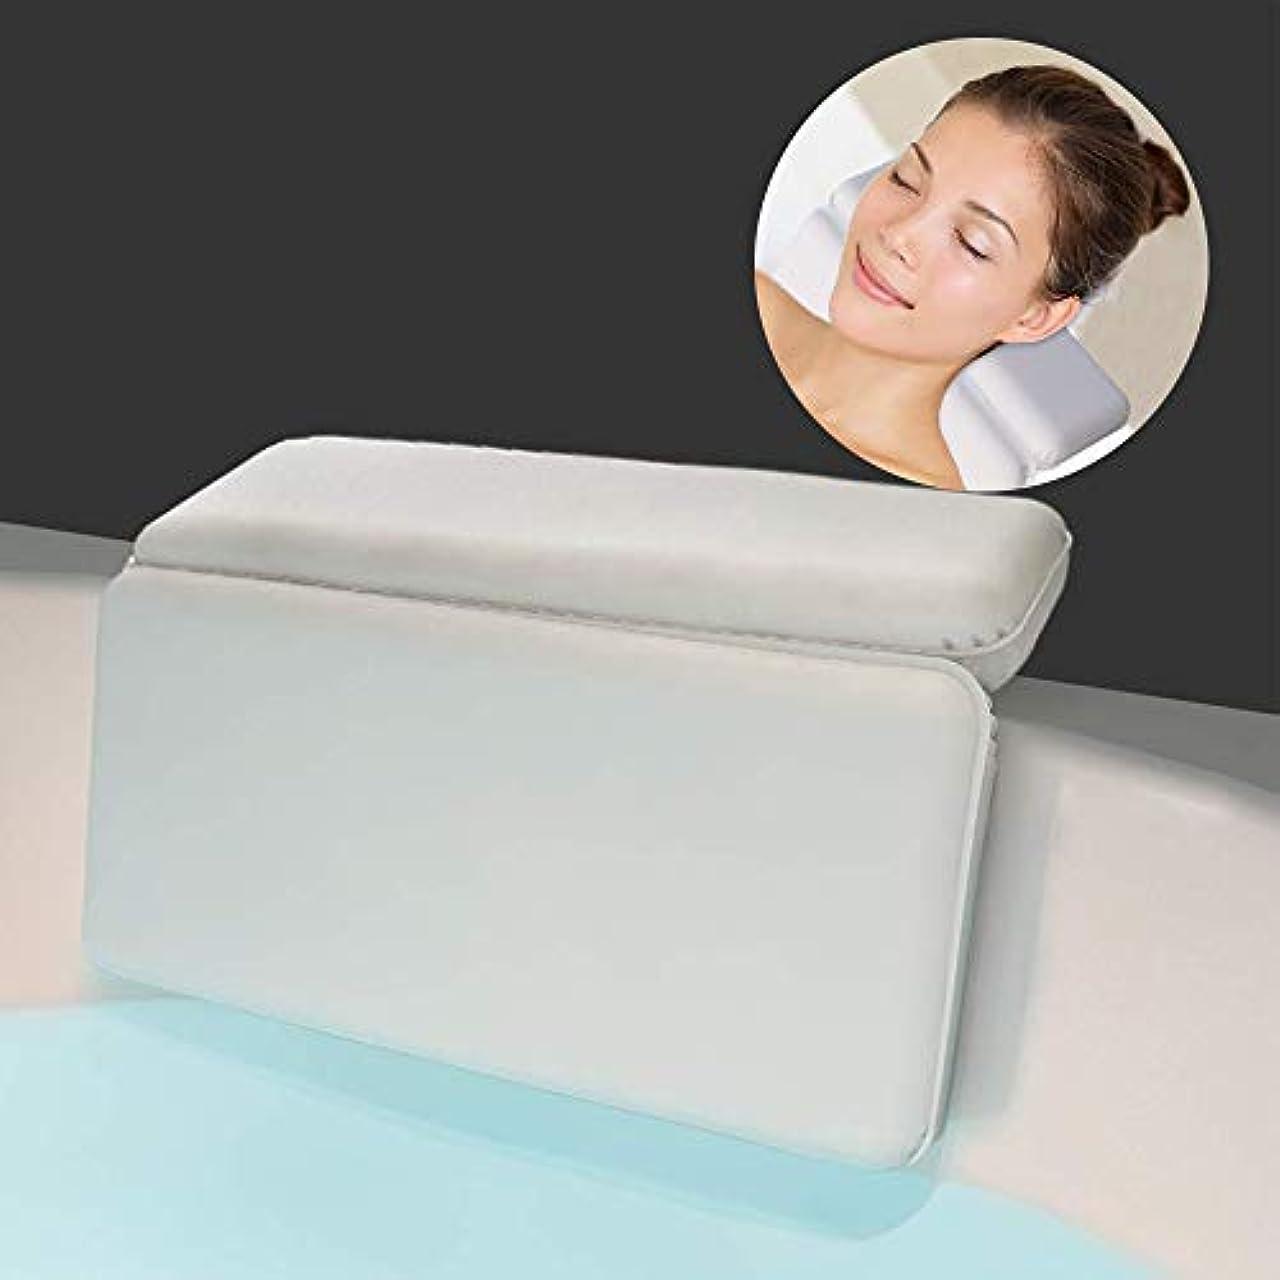 浴室ロードされた緩めるサクションカップ付き防水ソフトバスピローショルダー&ネックサポート用の高級バスクッション。あらゆるサイズの浴槽にフィット